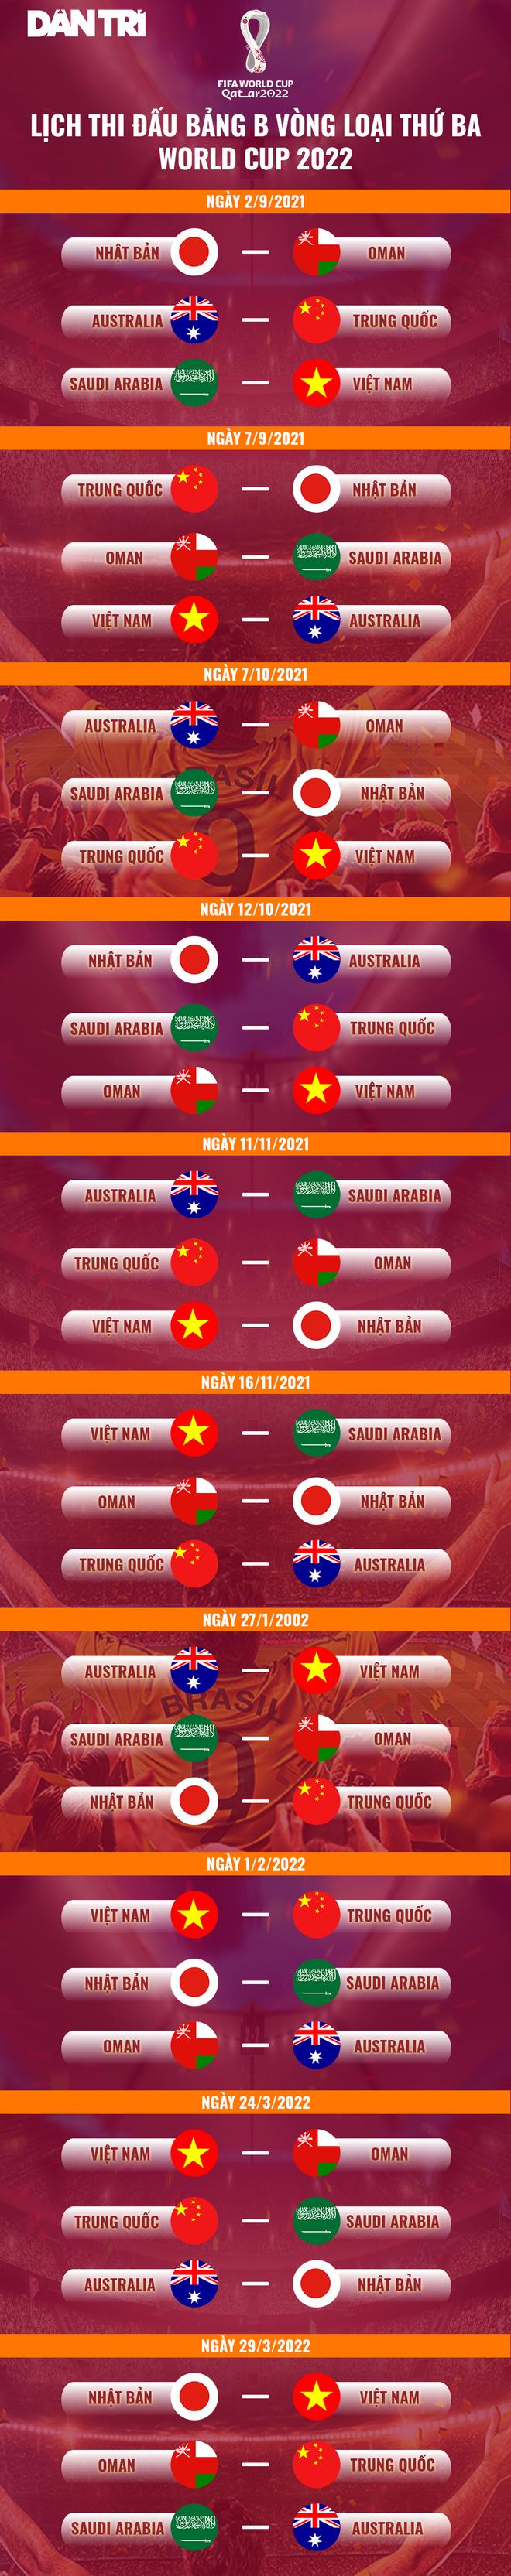 Báo Trung Quốc tuyên bố đội tuyển Việt Nam đừng mơ chiến thắng - 3